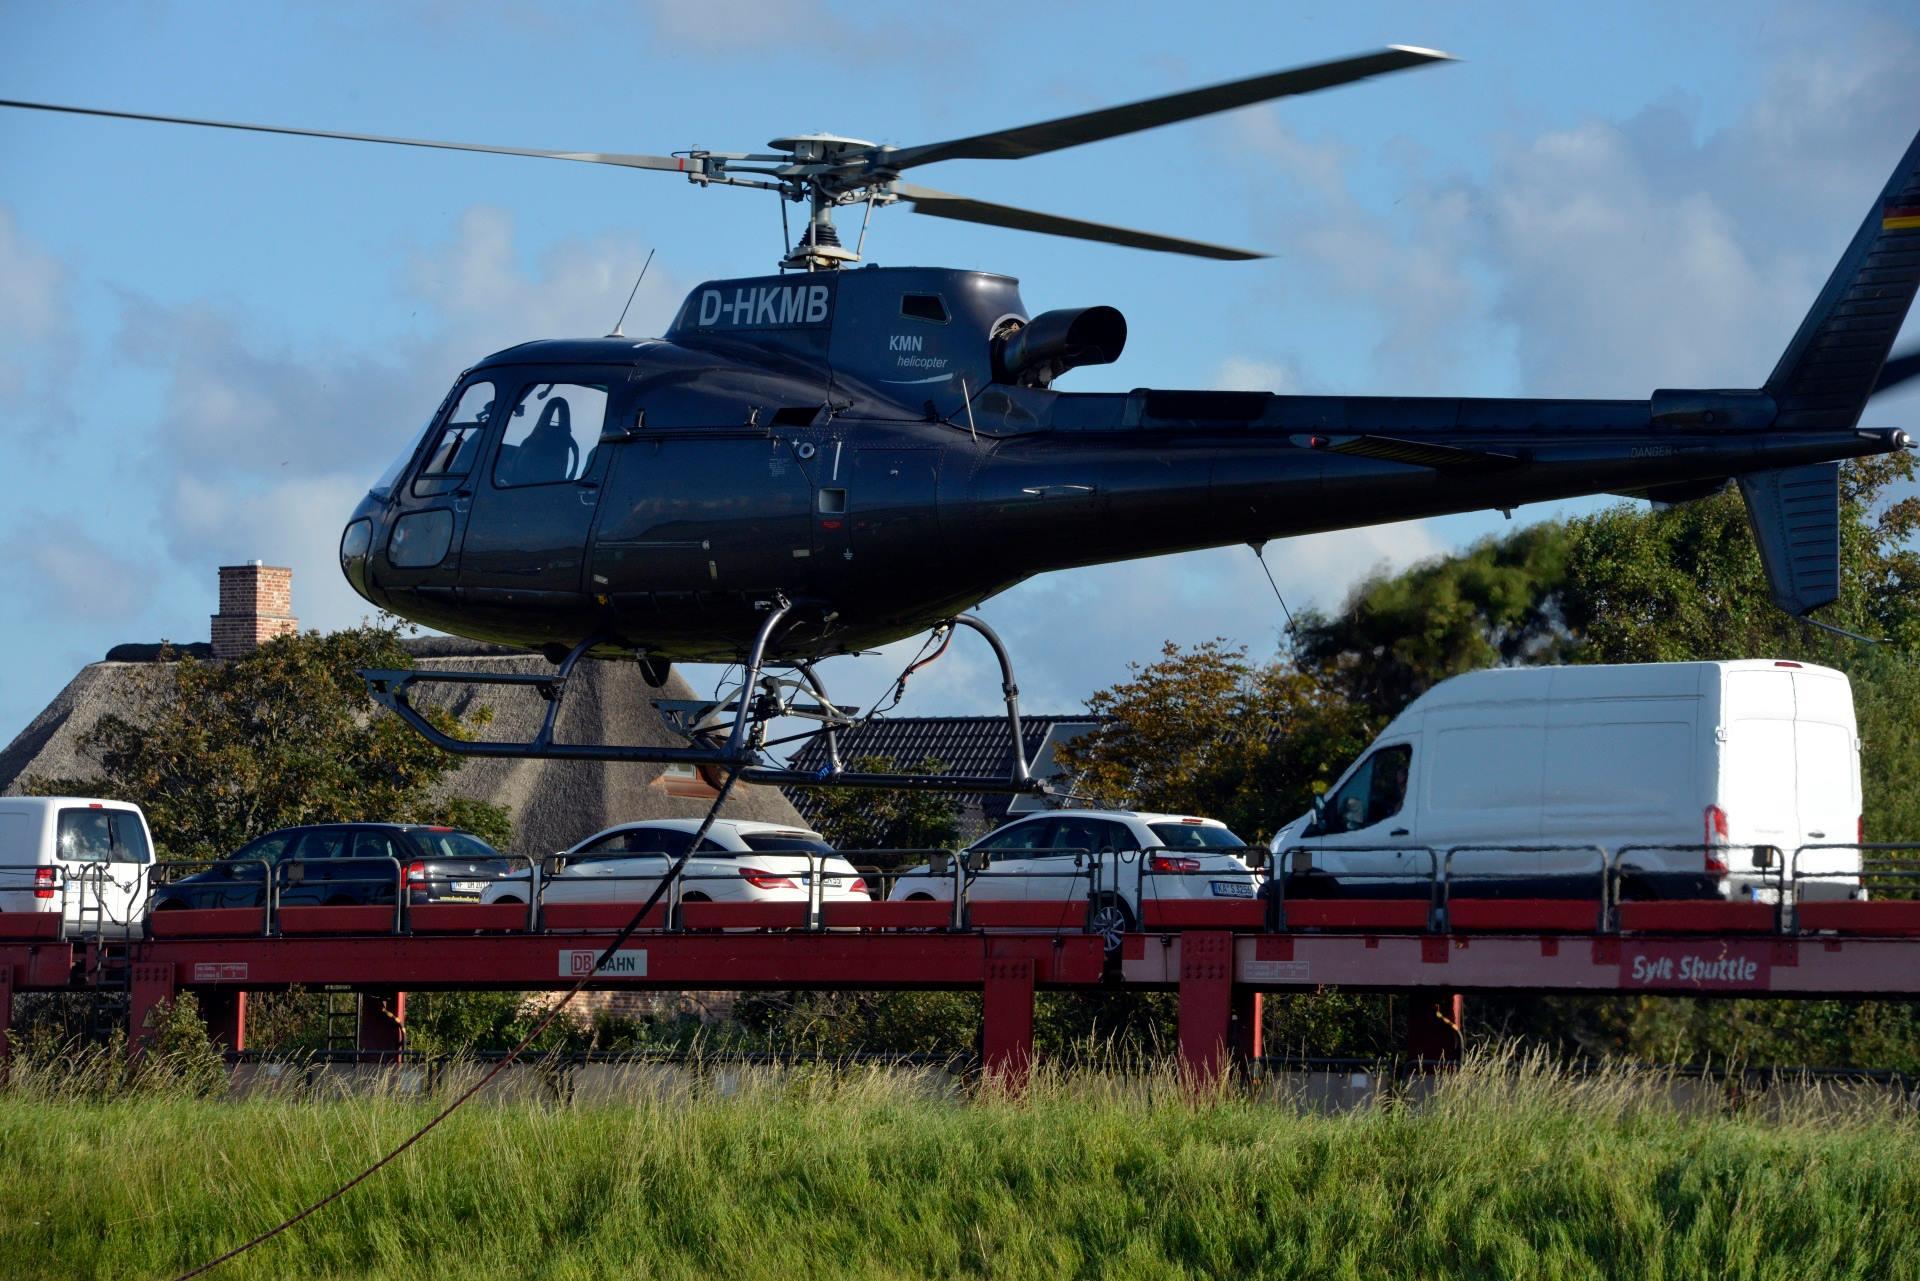 Hubschrauber stellt Signalmasten in Keitum auf Sylt auf